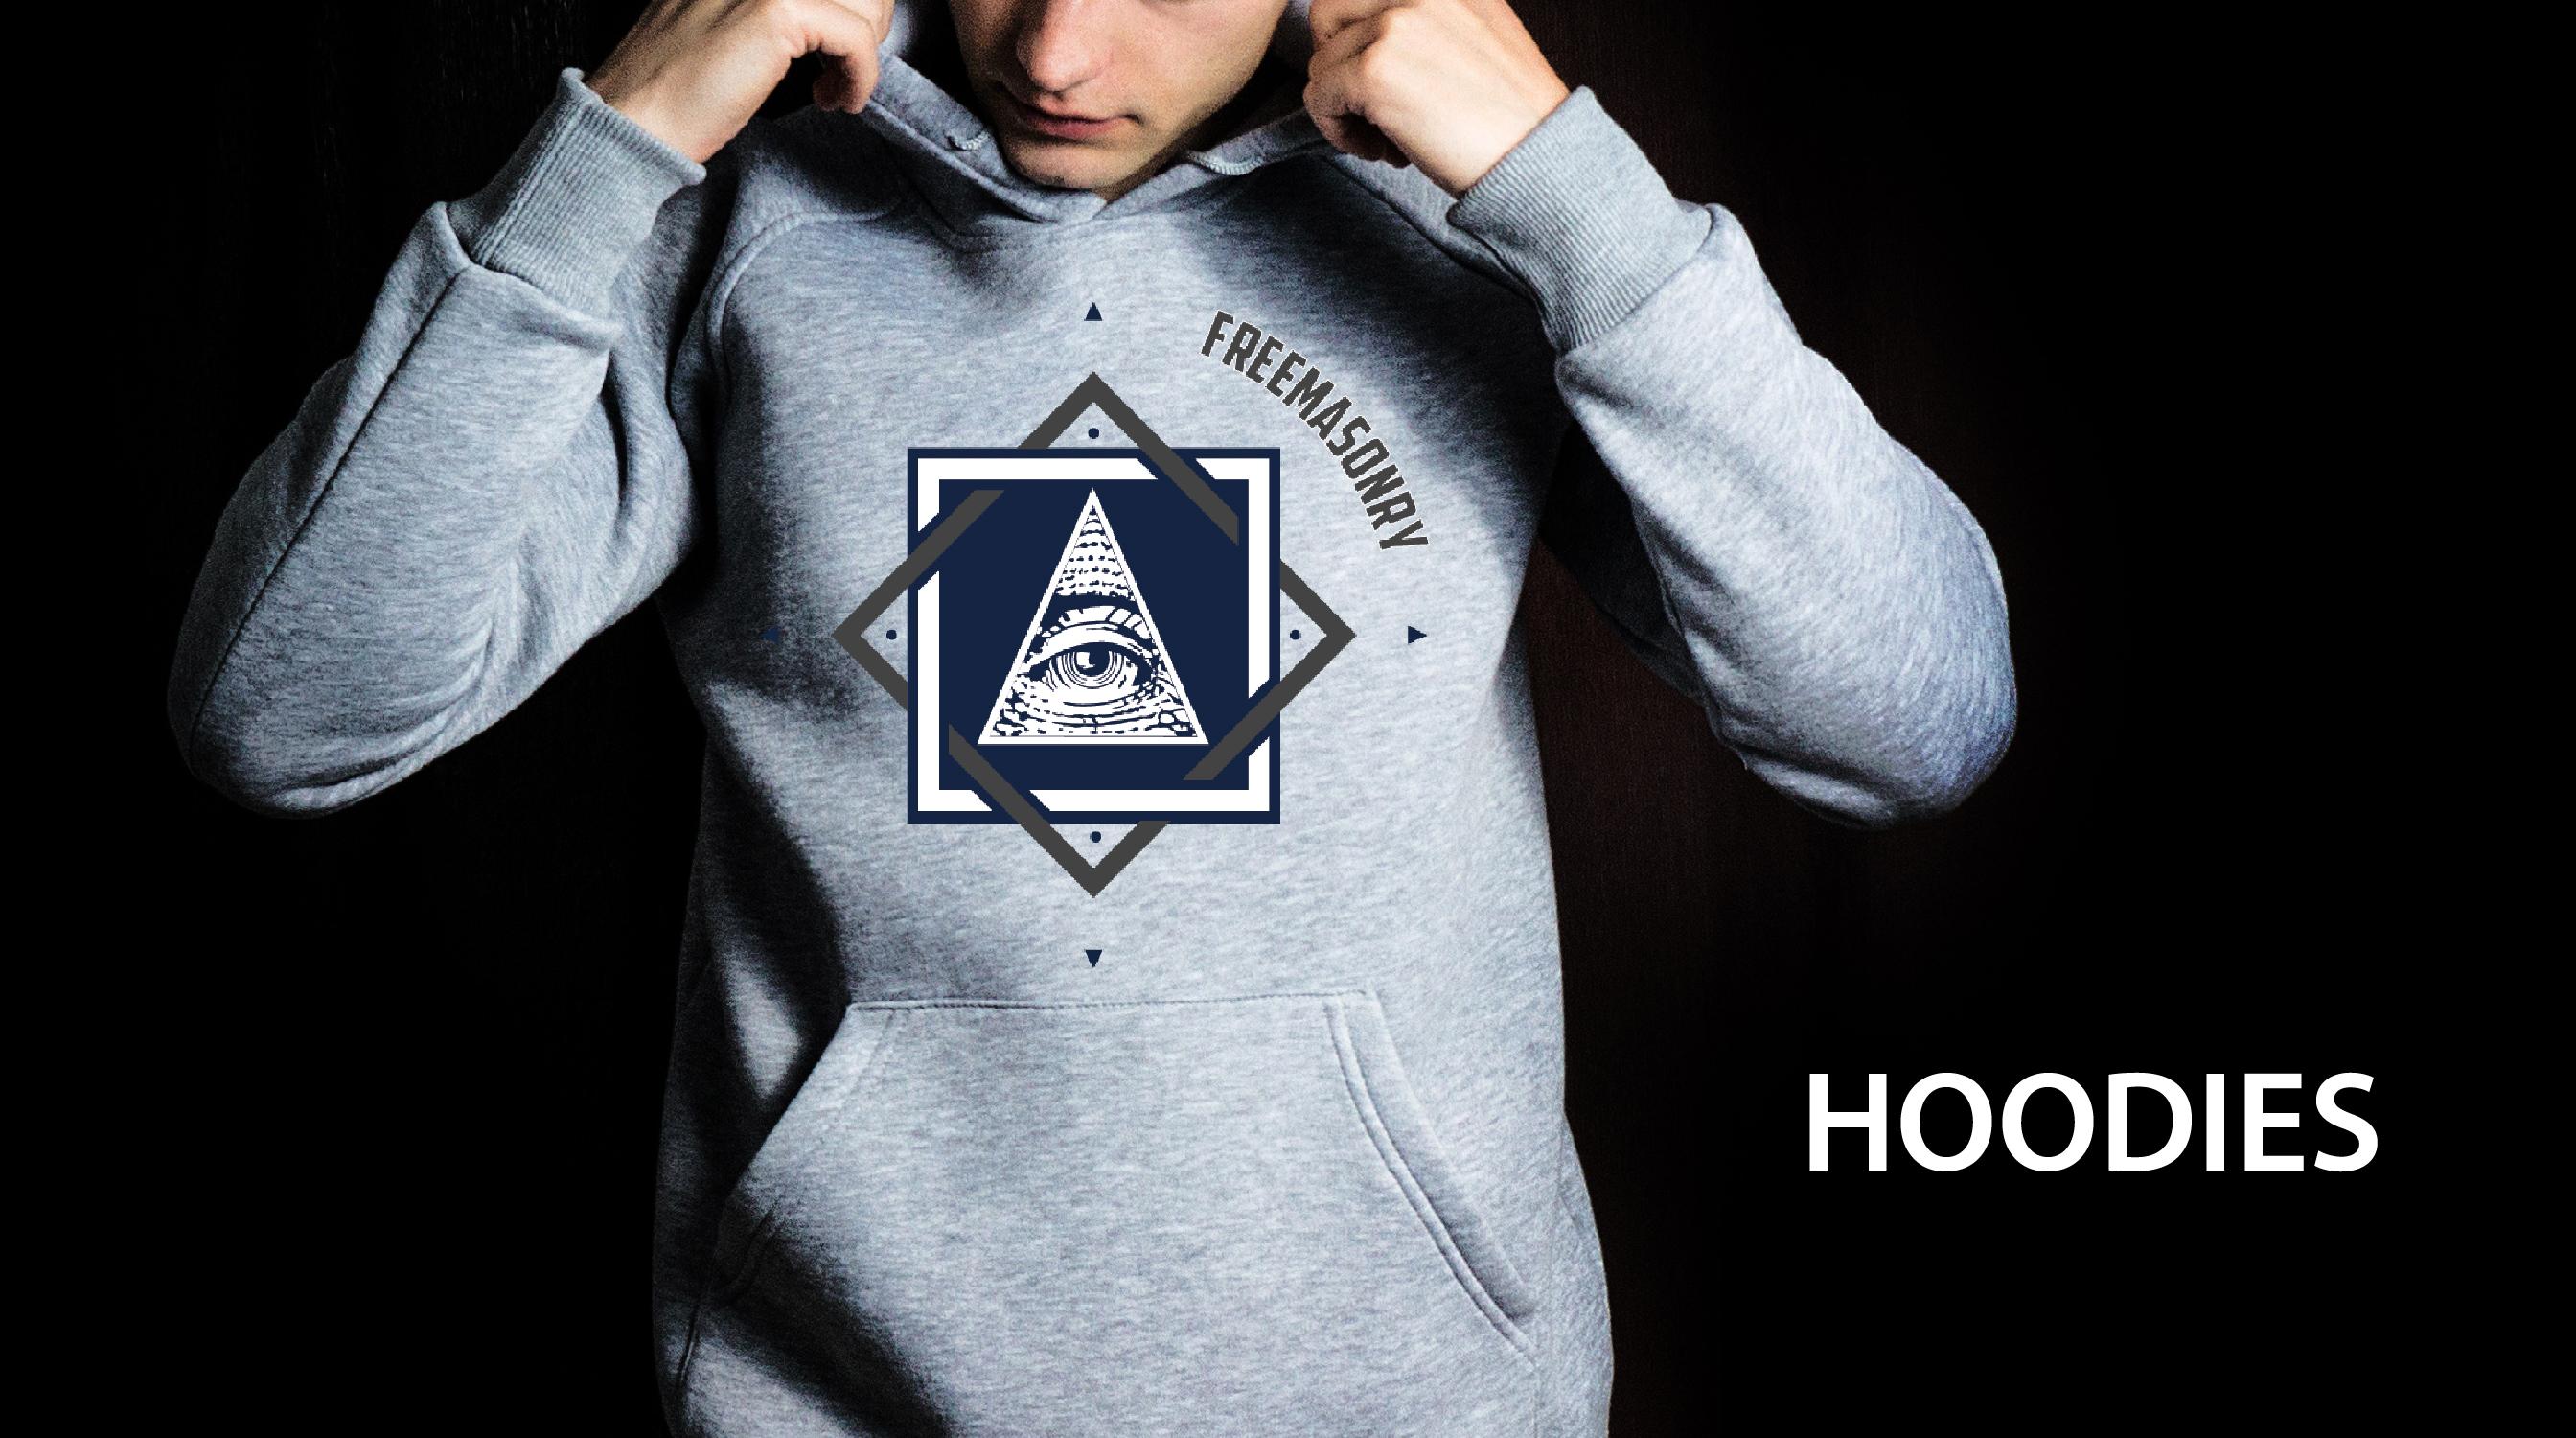 hoodies-2-01.jpg